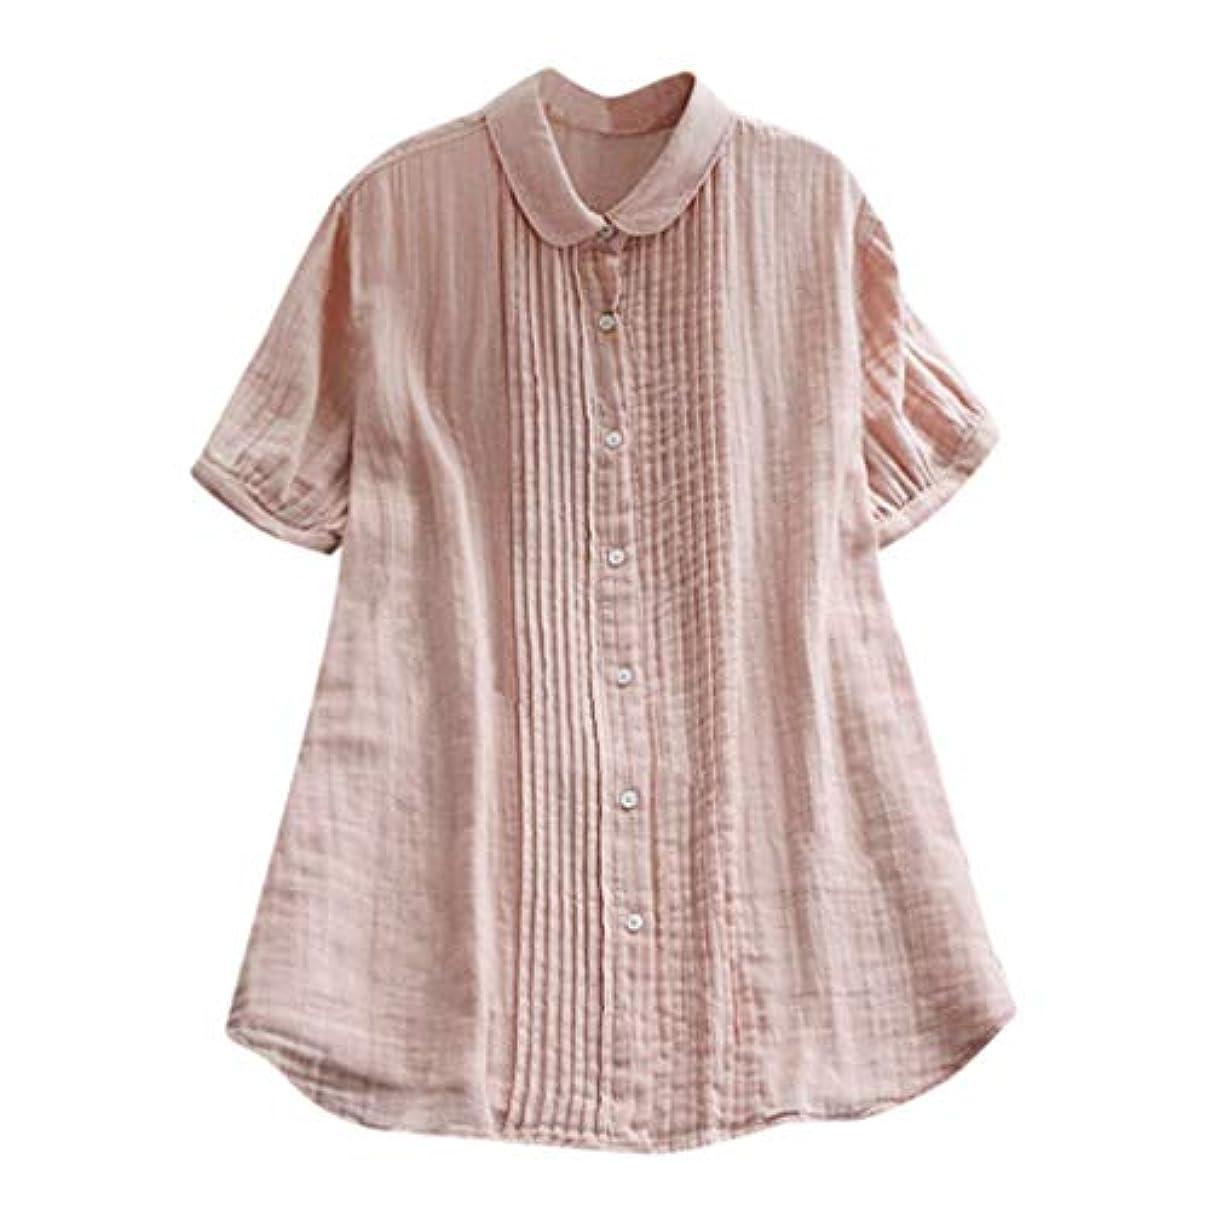 国民慣習ピンポイント女性の半袖Tシャツ - ピーターパンカラー夏緩い無地カジュアルダウントップスブラウス (ピンク, M)